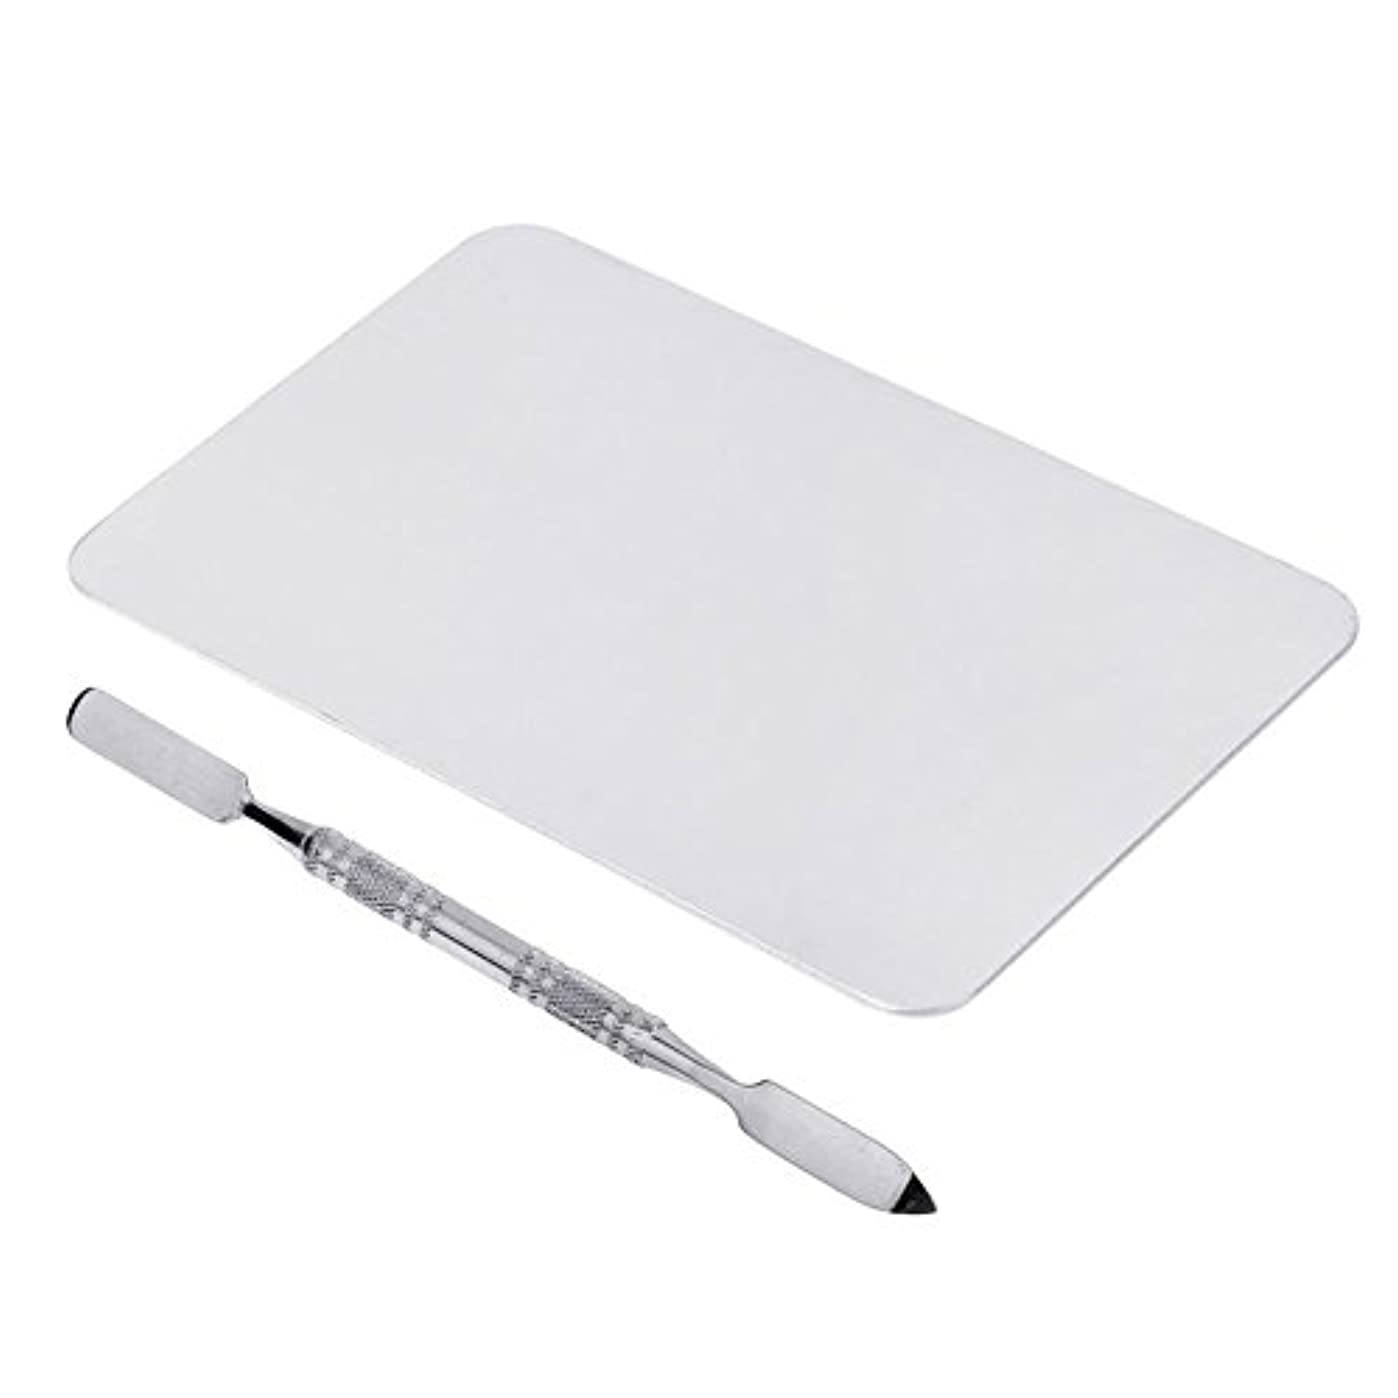 協定消化器ペースSODIAL 2色のメイクパレットマニキュア、メイクアップ、アイシャドウパレットパレットセット12cm